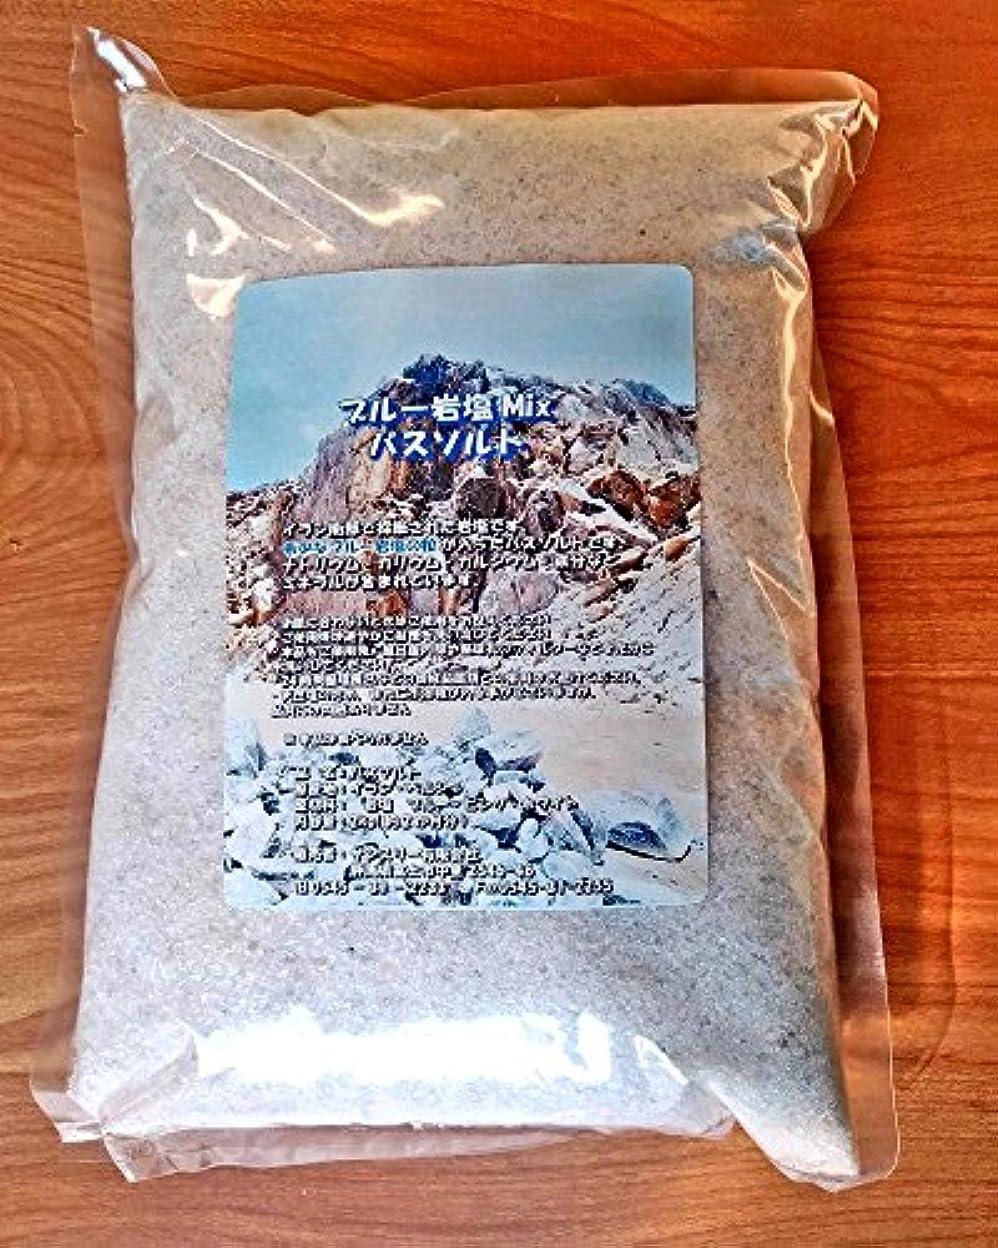 甘味処理債権者ブルー岩塩Mixバスソルト2kg